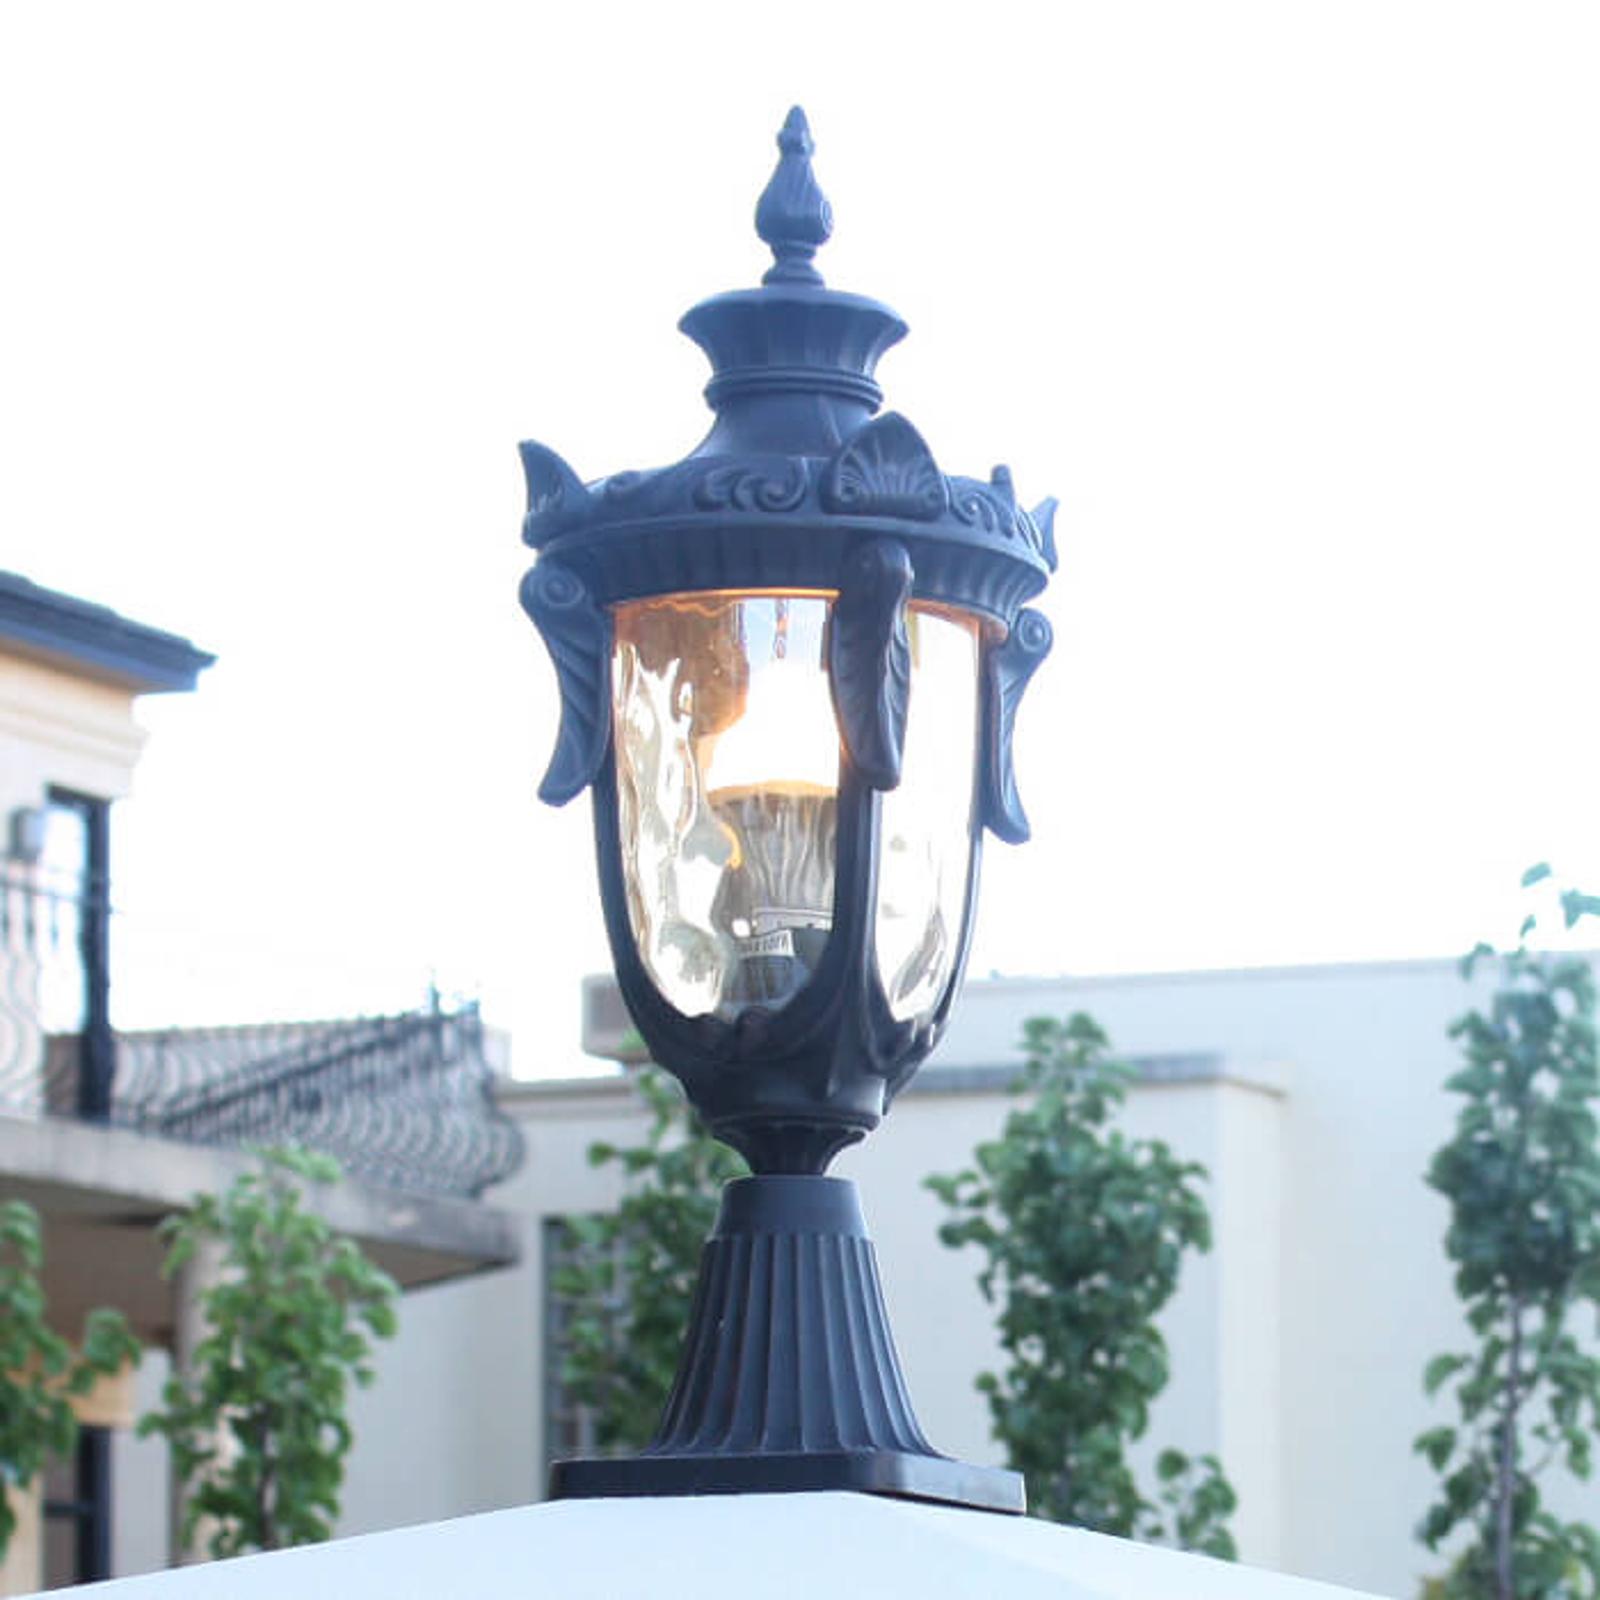 Sokkellamp PHILADELPHIA - historisch design